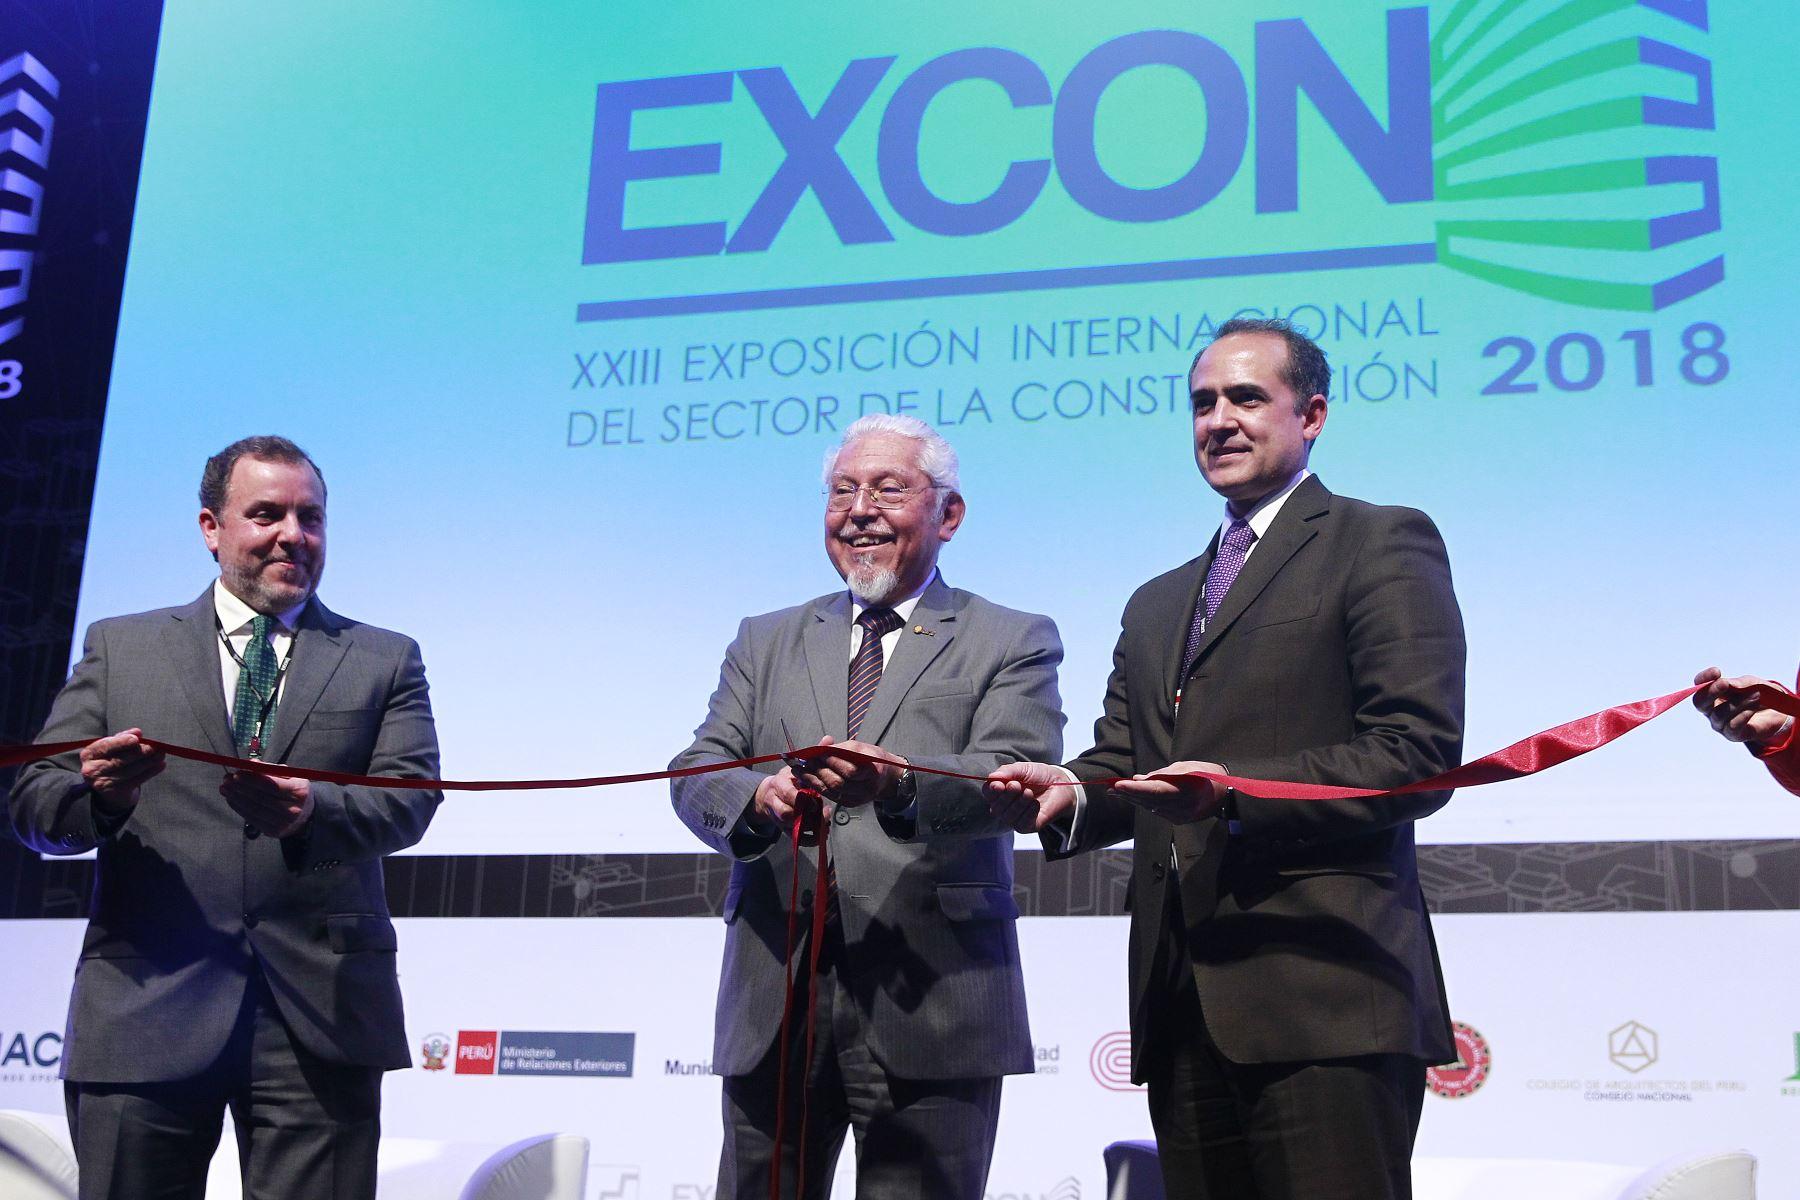 Ministro de Vivienda, Construcción y Saneamiento, Javier Piqué del Pozo inaugura la XXIII Excon. ANDINA/Eddy Ramos